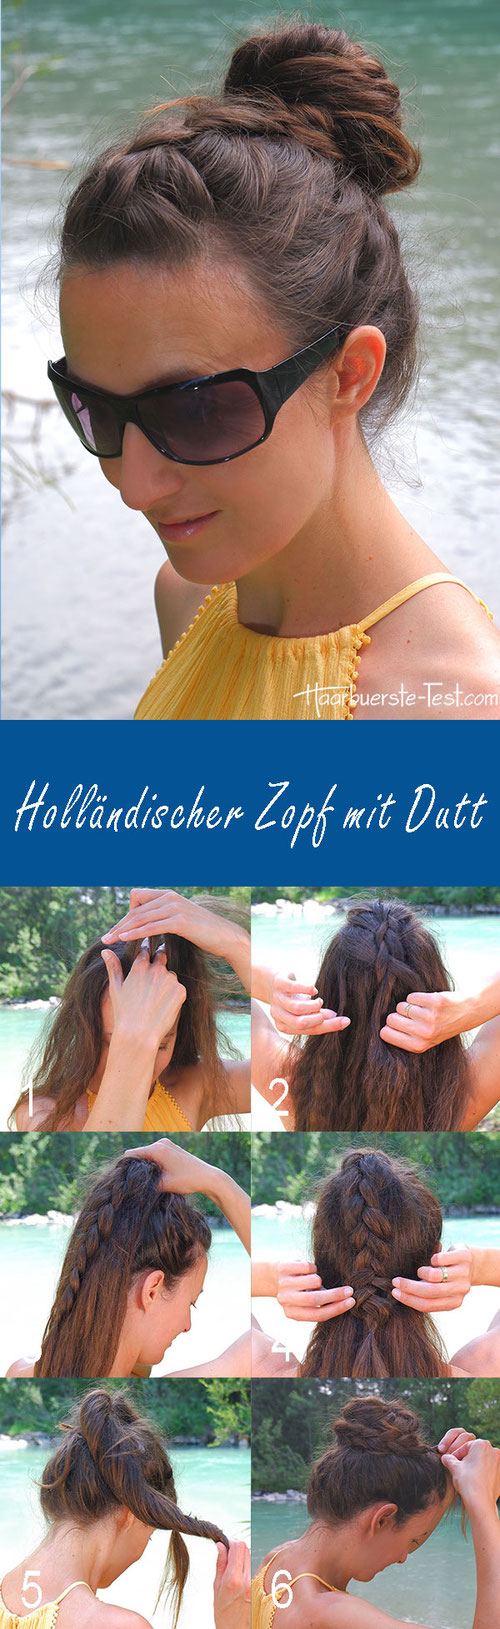 Messy Dutt Anleitung, Holländischer Zopf mit Dutt